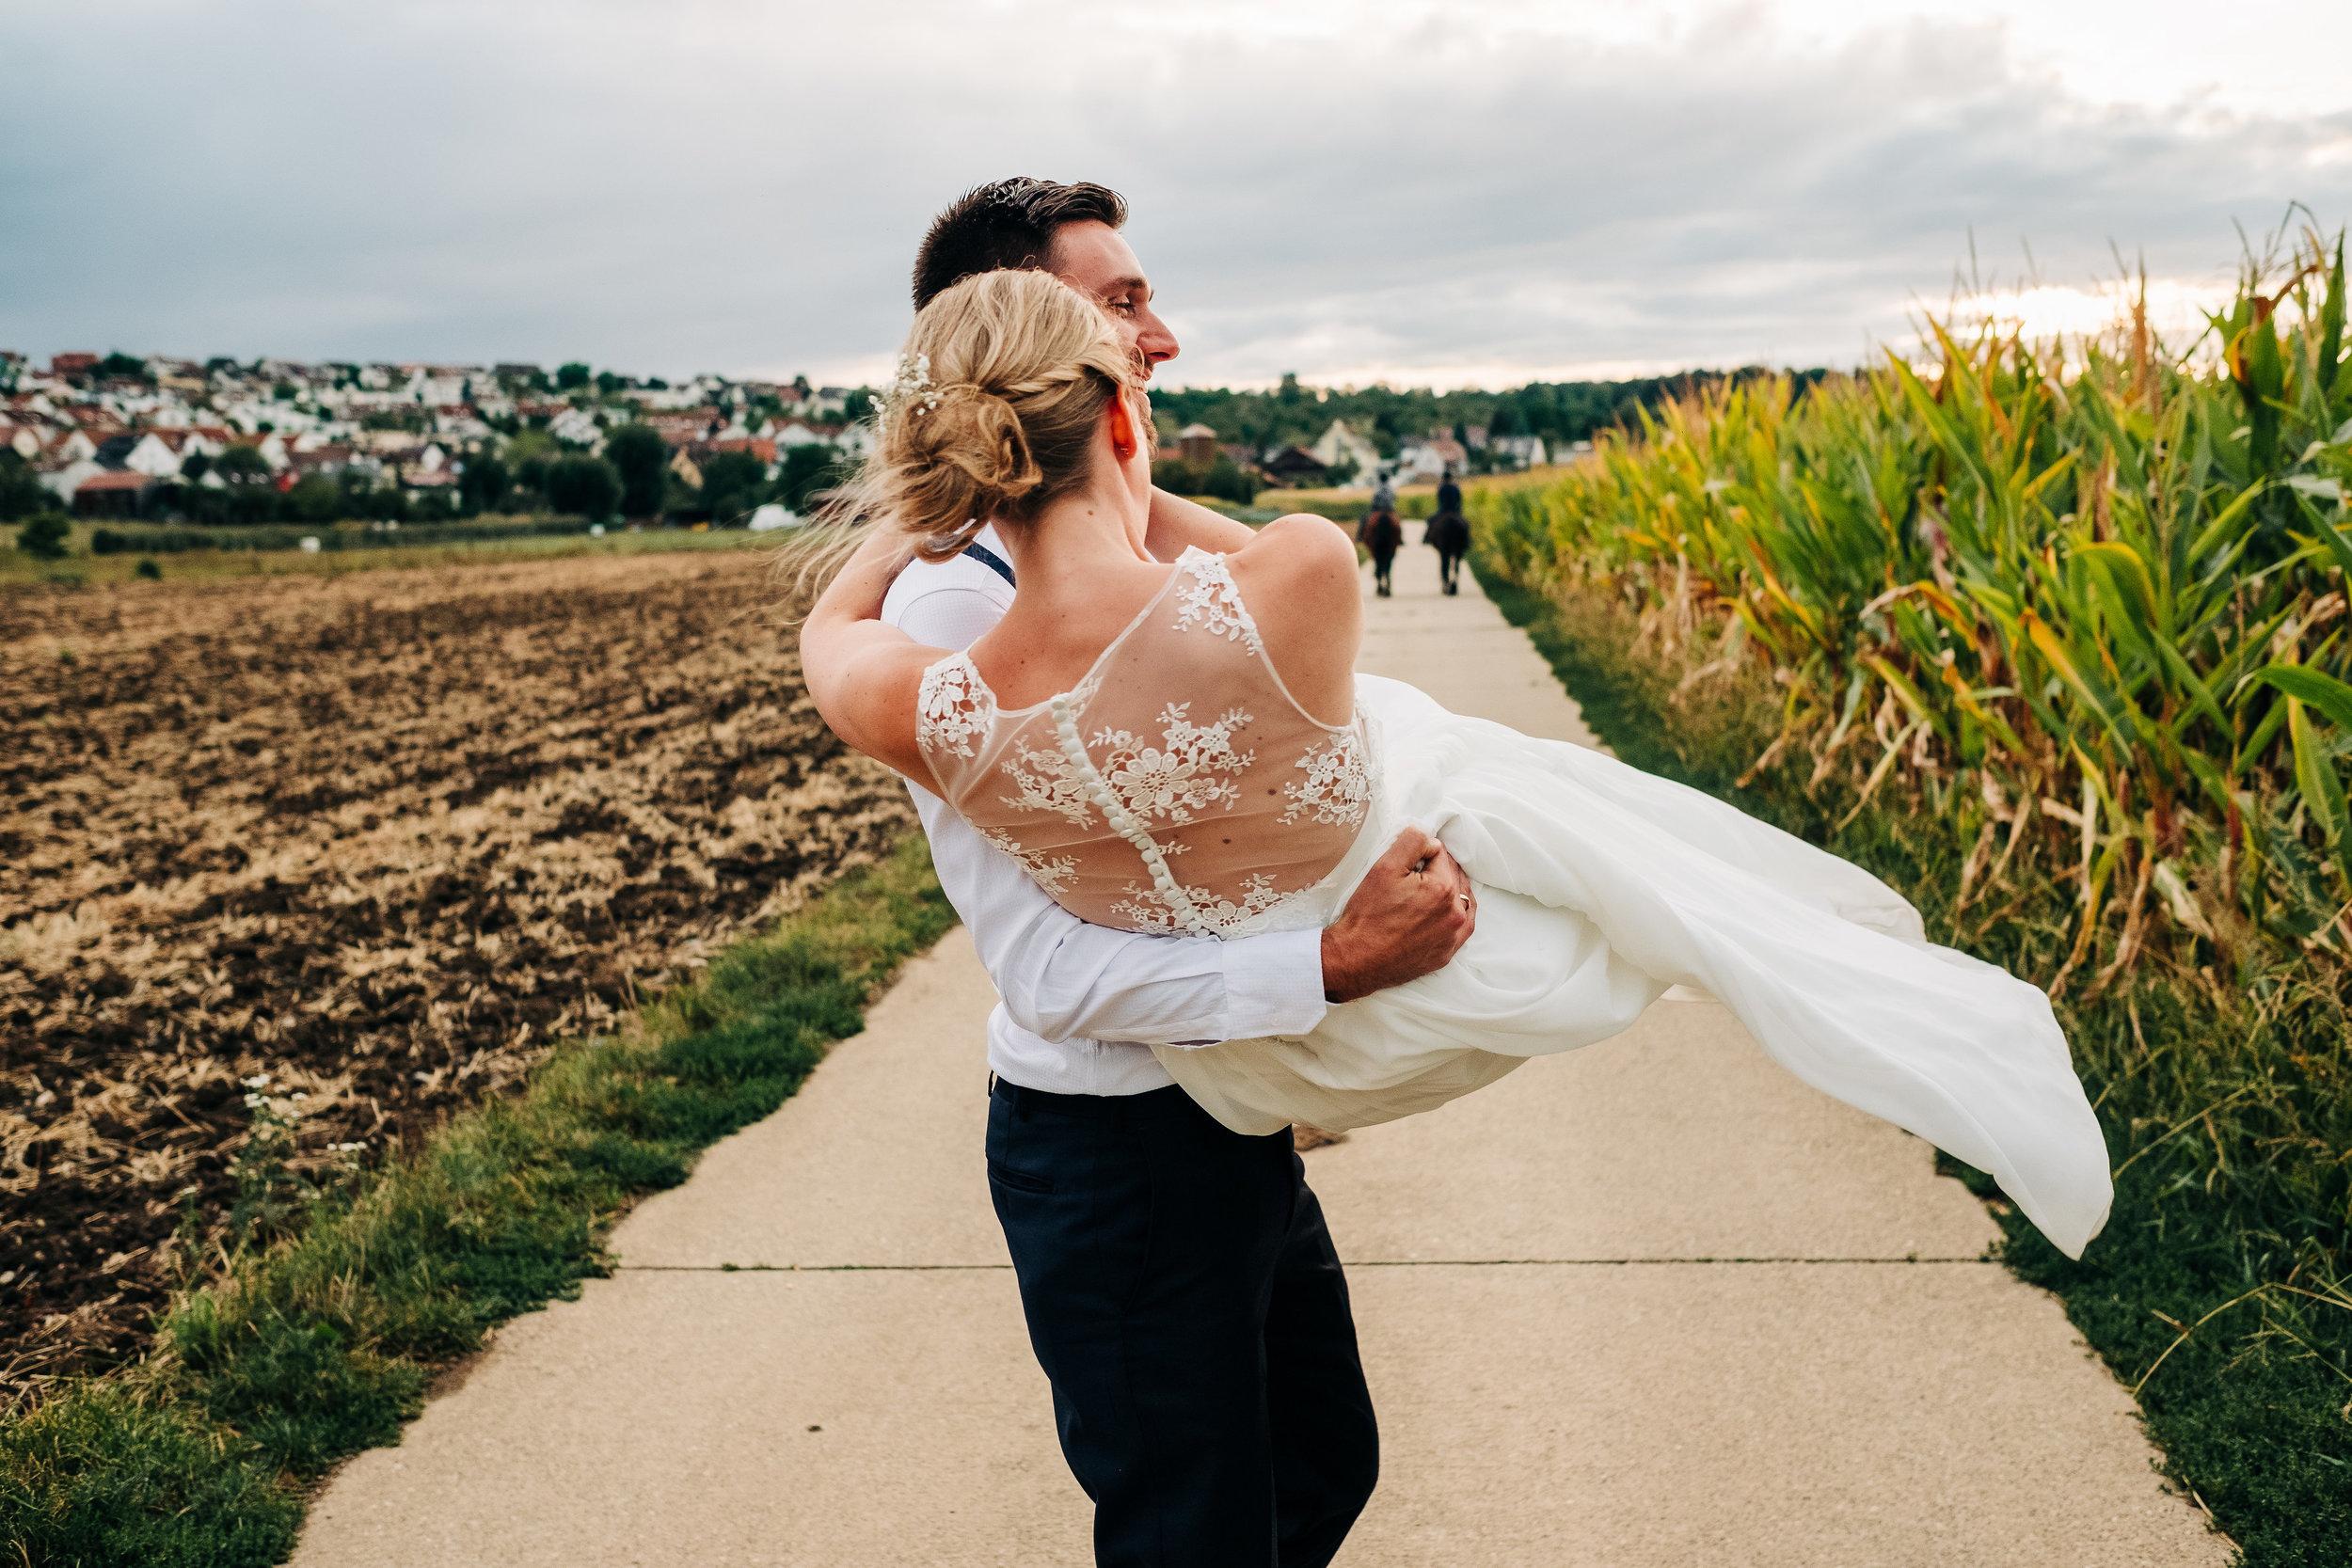 Anna-Hari-Photography-Hochzeitsfotografie-U&H-1126.jpg